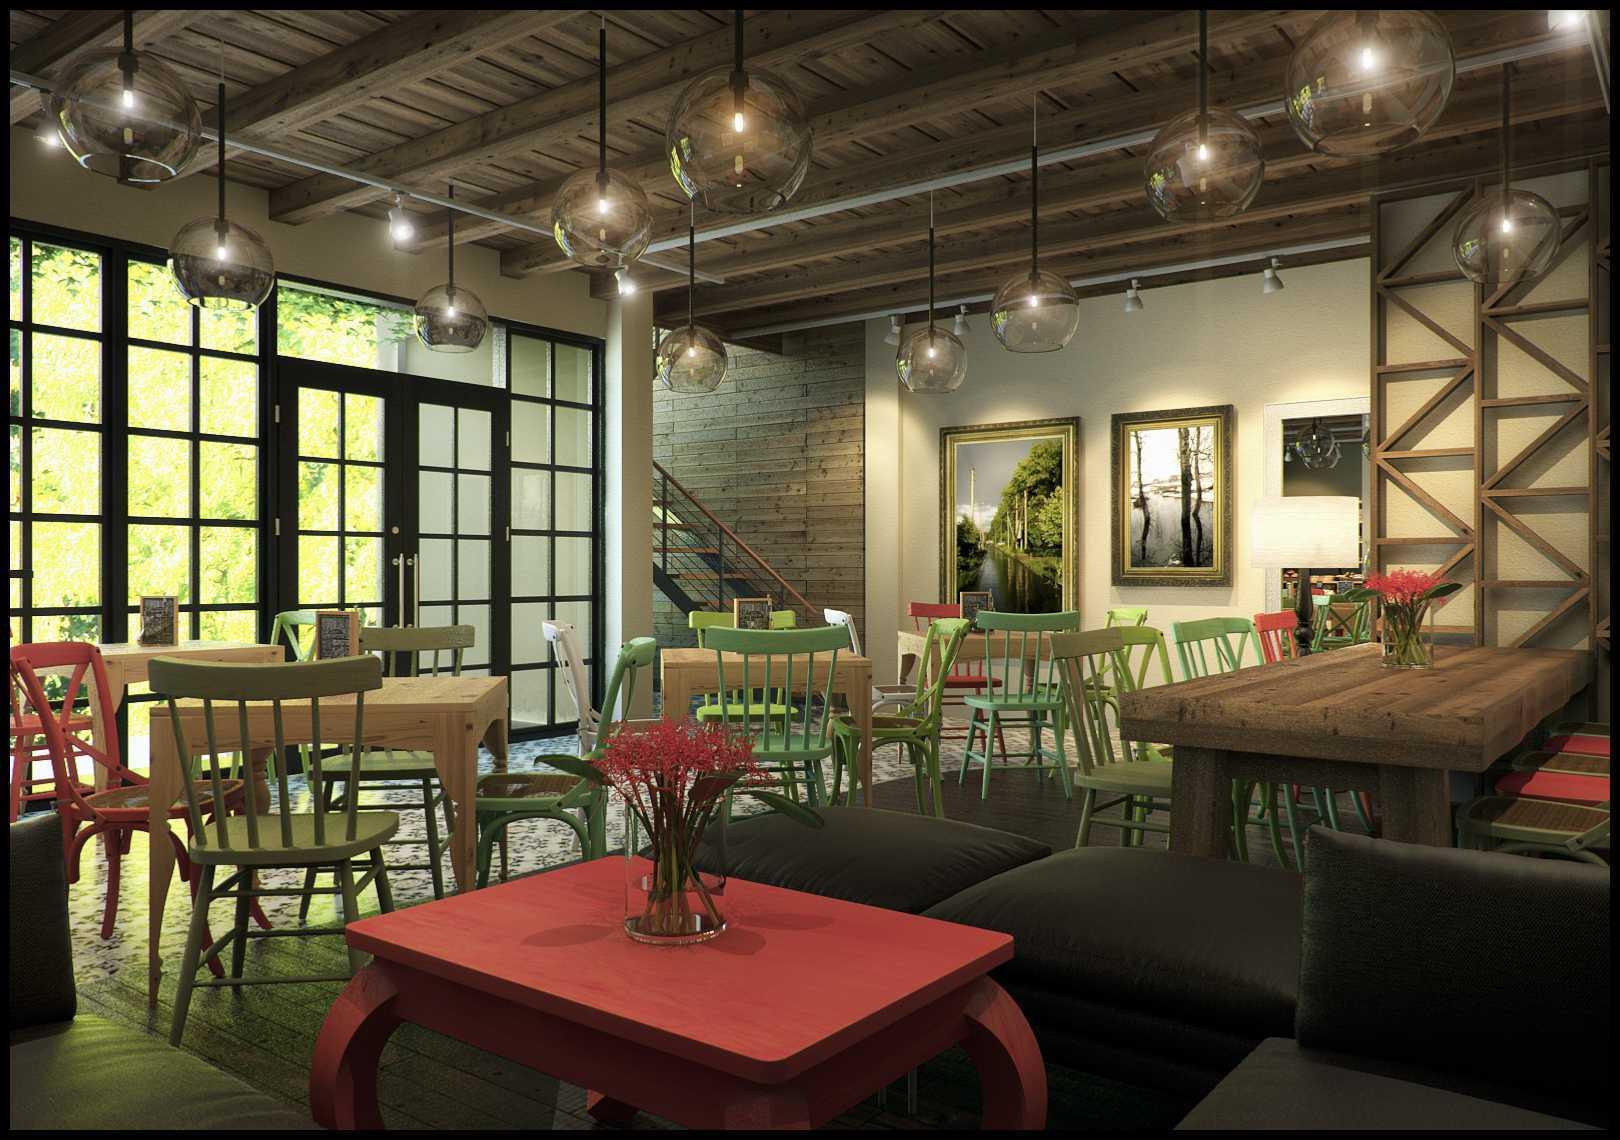 Design Archade Basilia Cafe Semarang, Kota Semarang, Jawa Tengah, Indonesia Semarang, Kota Semarang, Jawa Tengah, Indonesia Seating Area Interior View Kontemporer  43569